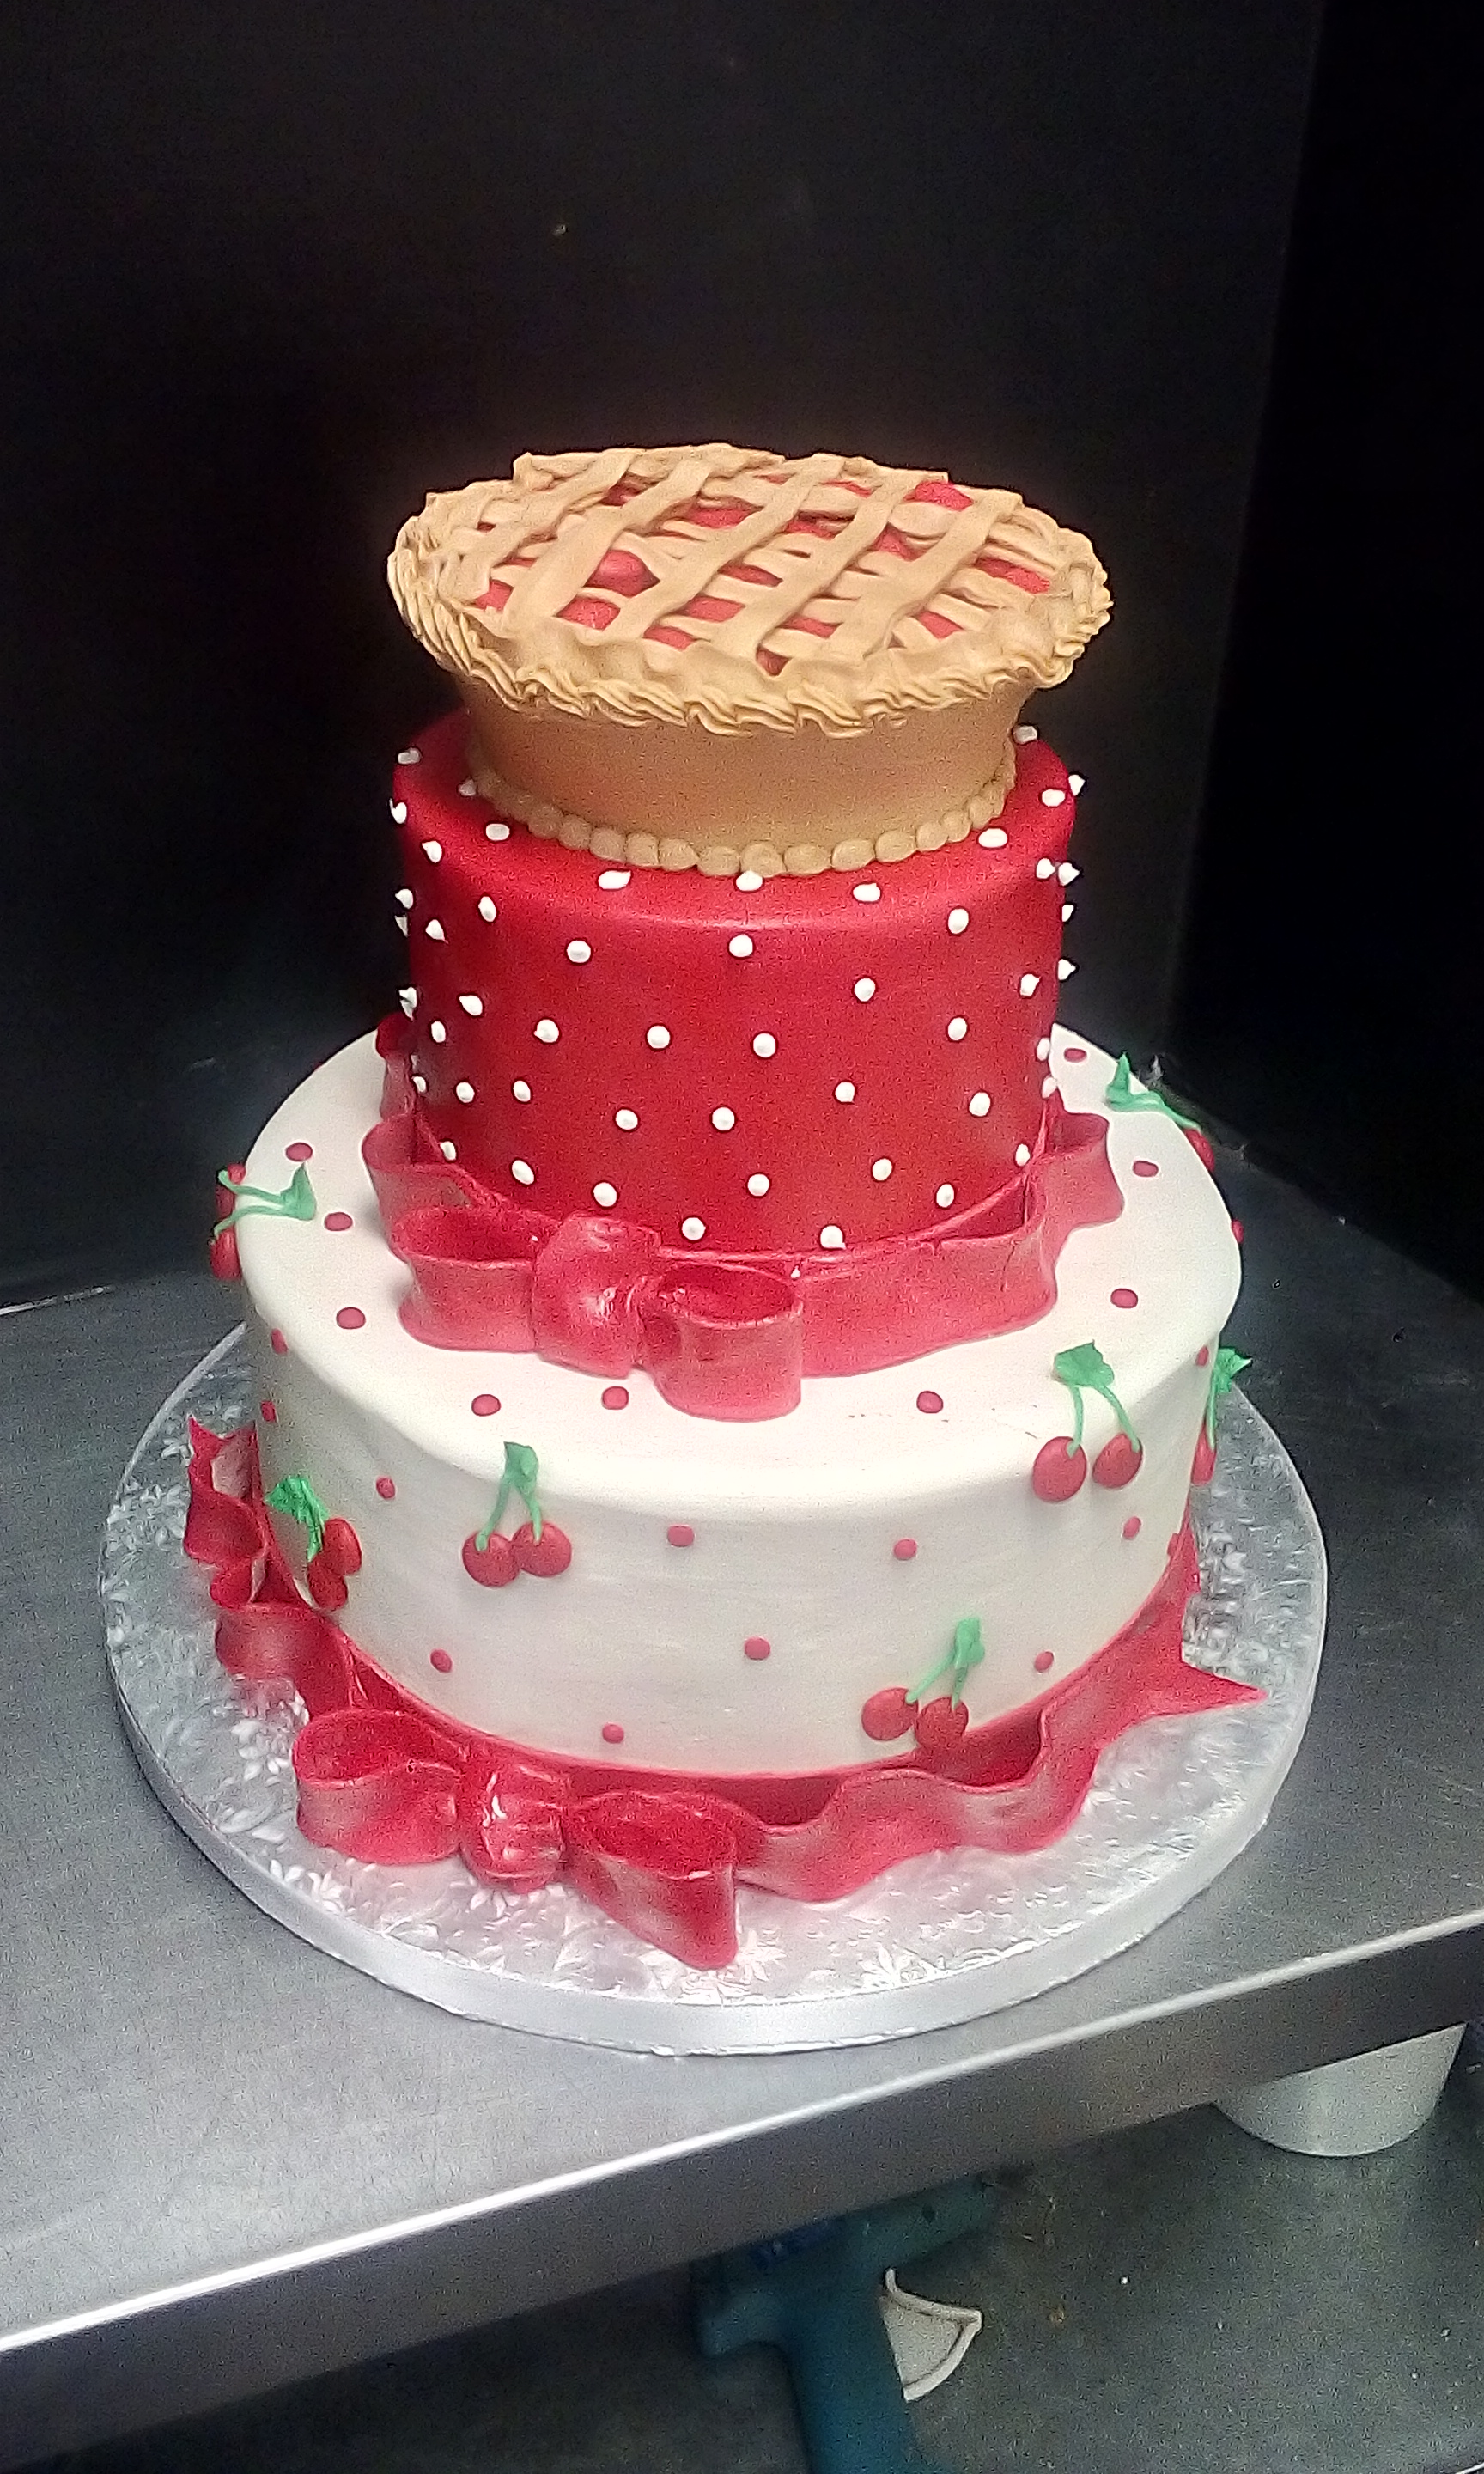 pie cake.jpg